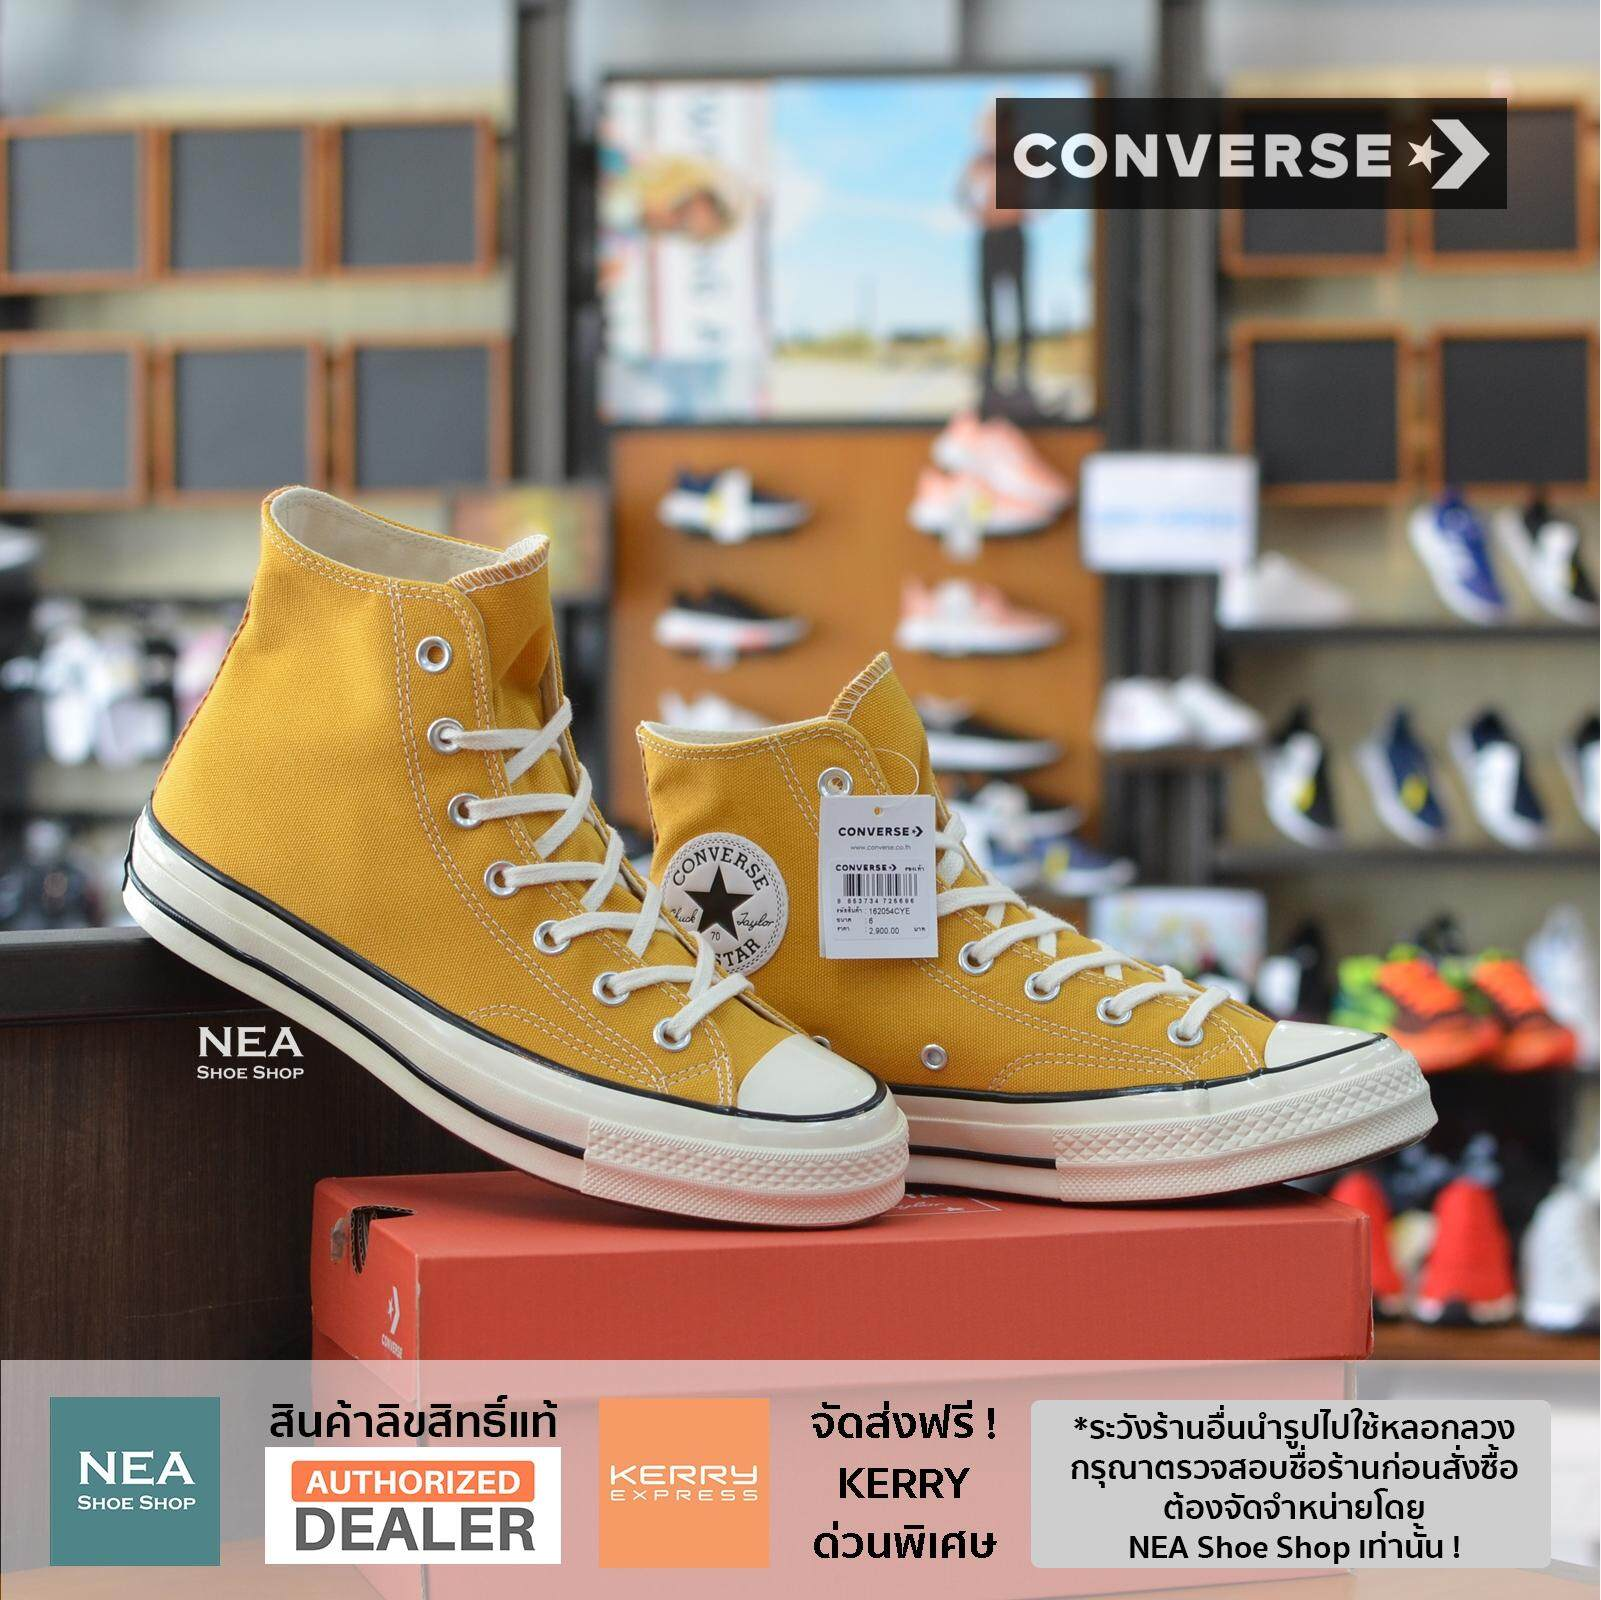 ยี่ห้อไหนดี  ฉะเชิงเทรา [ลิขสิทธิ์แท้] Converse All Star 70 Sunflower Yellow Hi (Classic Repro) สีเหลือง รองเท้า คอนเวิร์ส รีโปร 70 หุ้มข้อ